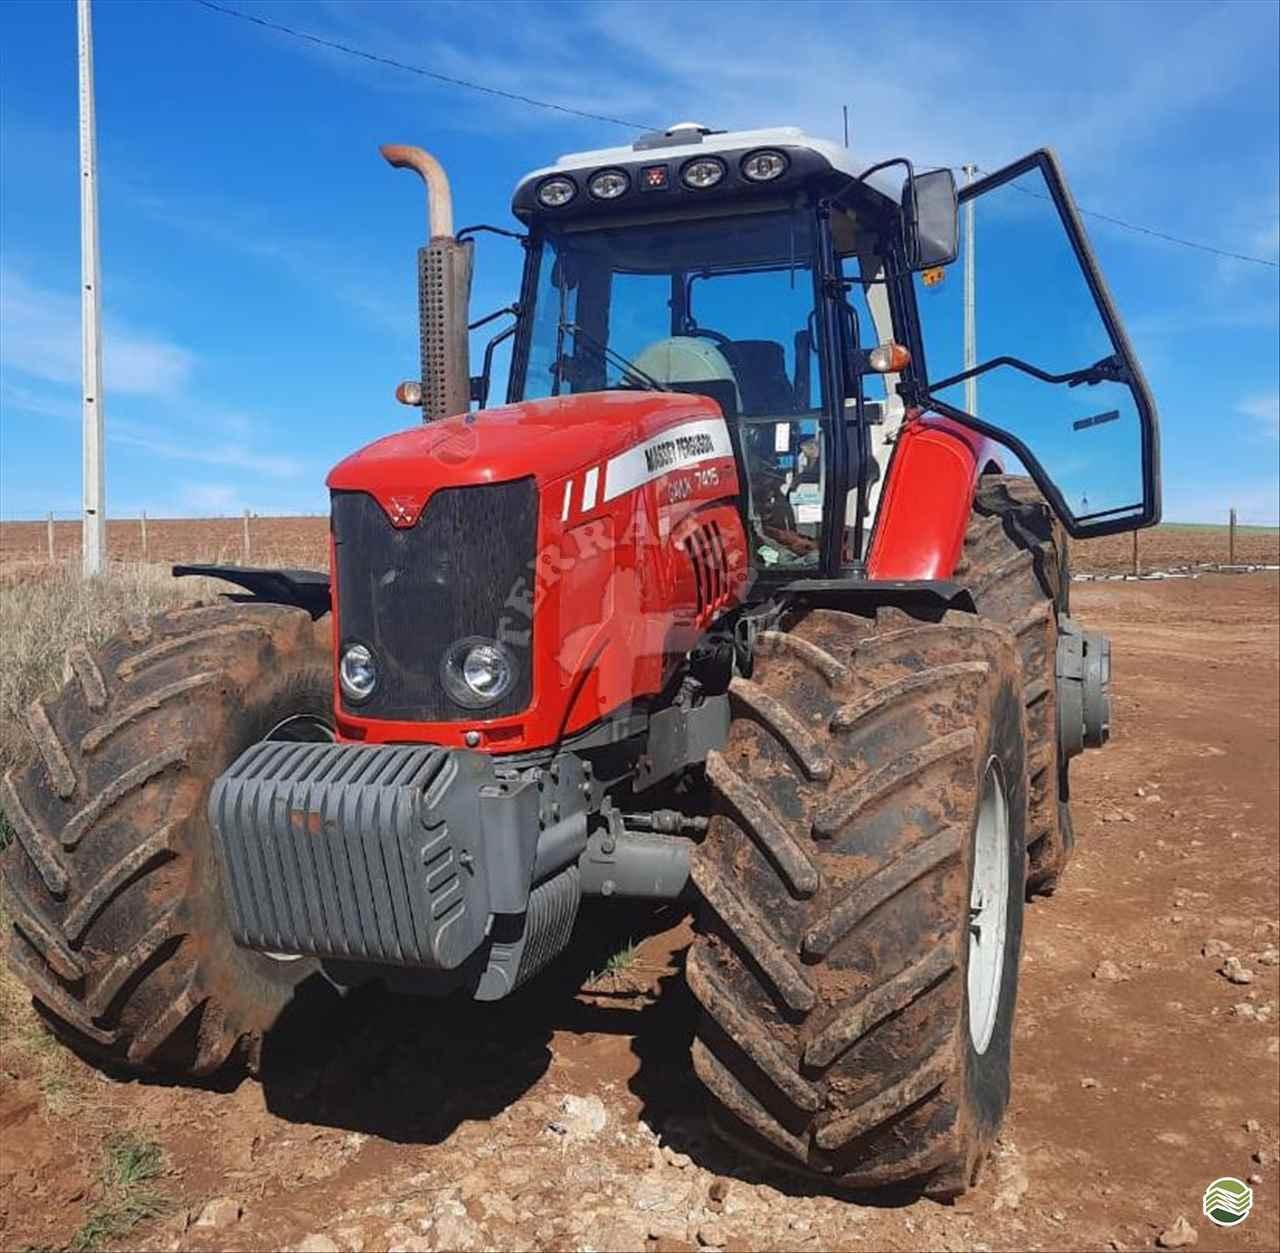 TRATOR MASSEY FERGUSON MF 7150 Tração 4x4 Terra Mais Implementos Agrícolas TOLEDO PARANÁ PR